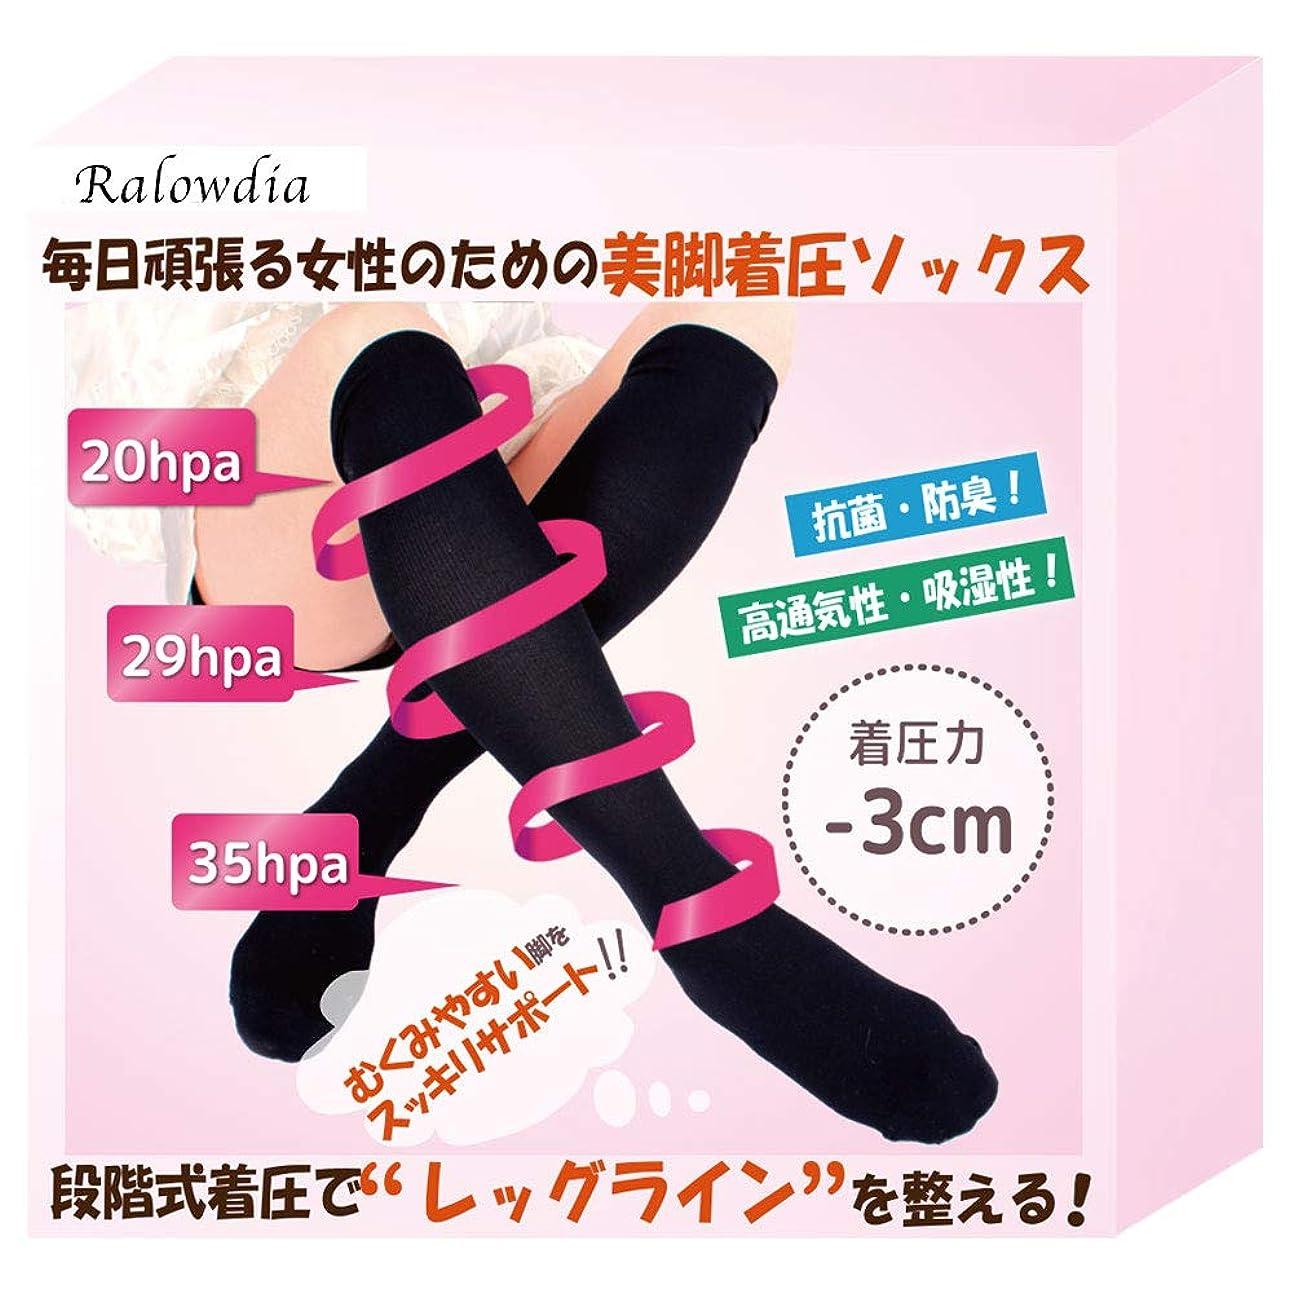 かみそり図避難する着圧ソックス 美脚 加圧 靴下 妊婦 むくみ リンパ フライト 就寝時に 「Ralowdia」